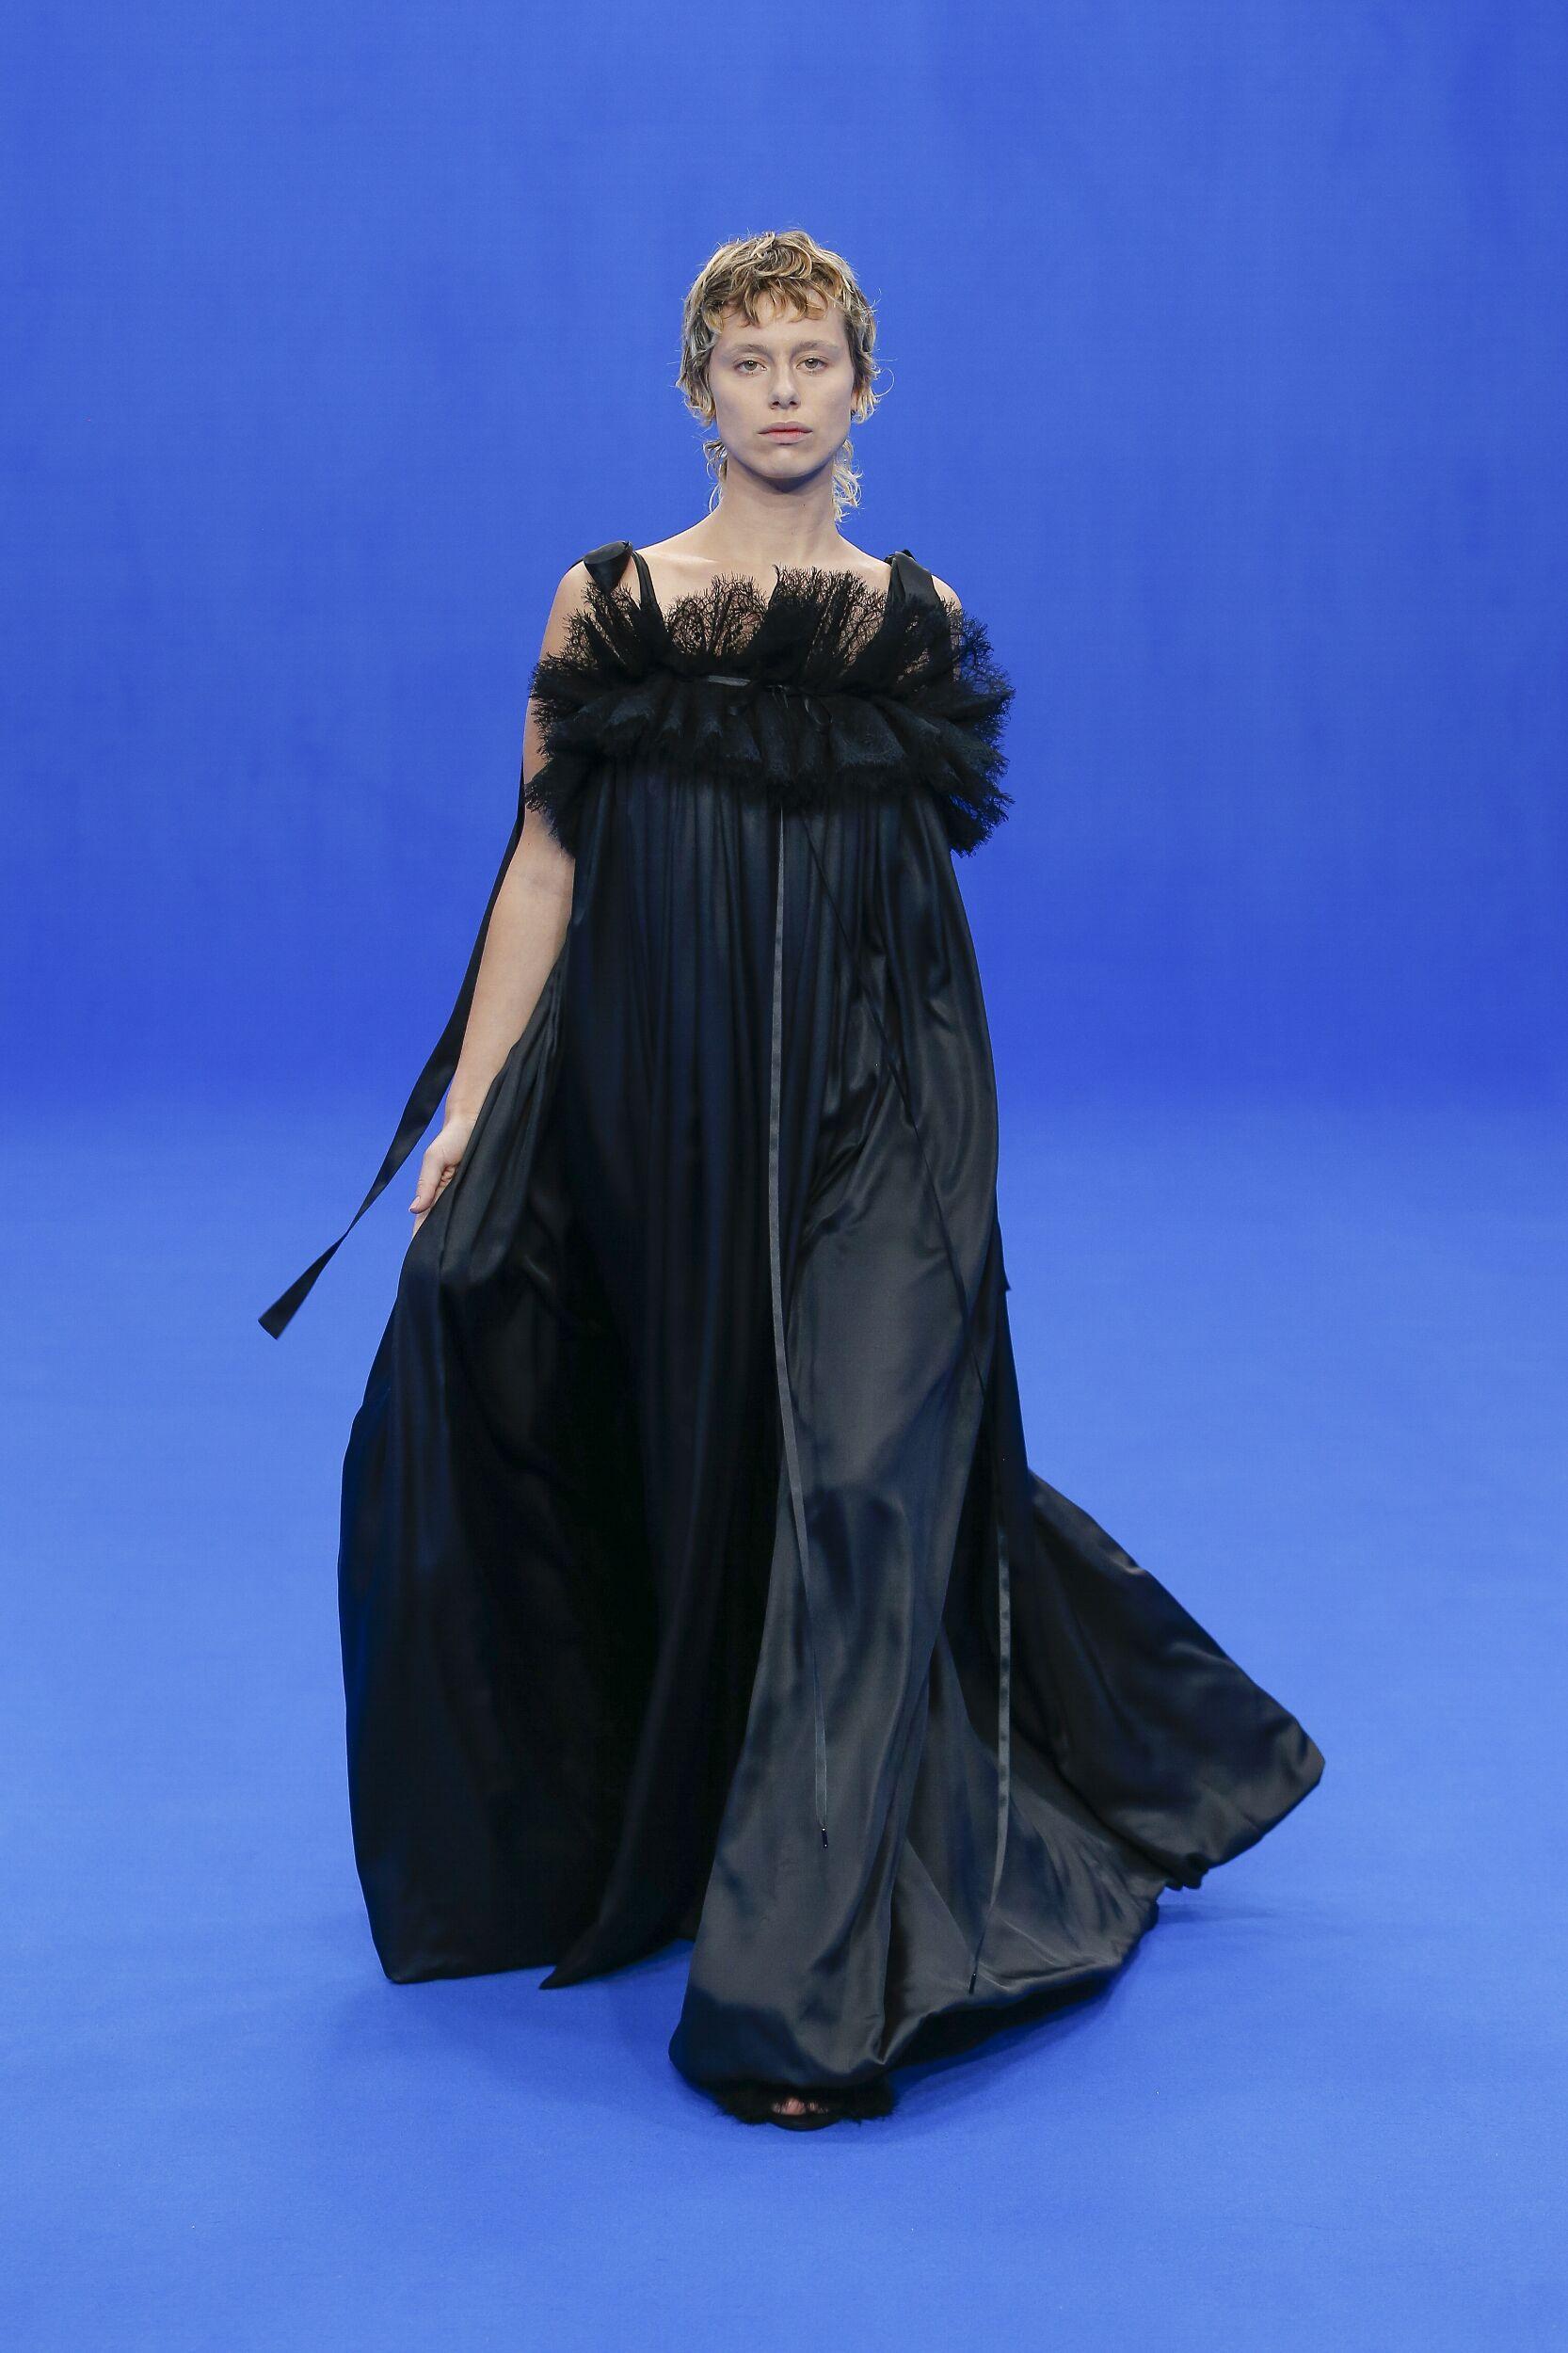 Woman SS 2020 Balenciaga Show Paris Fashion